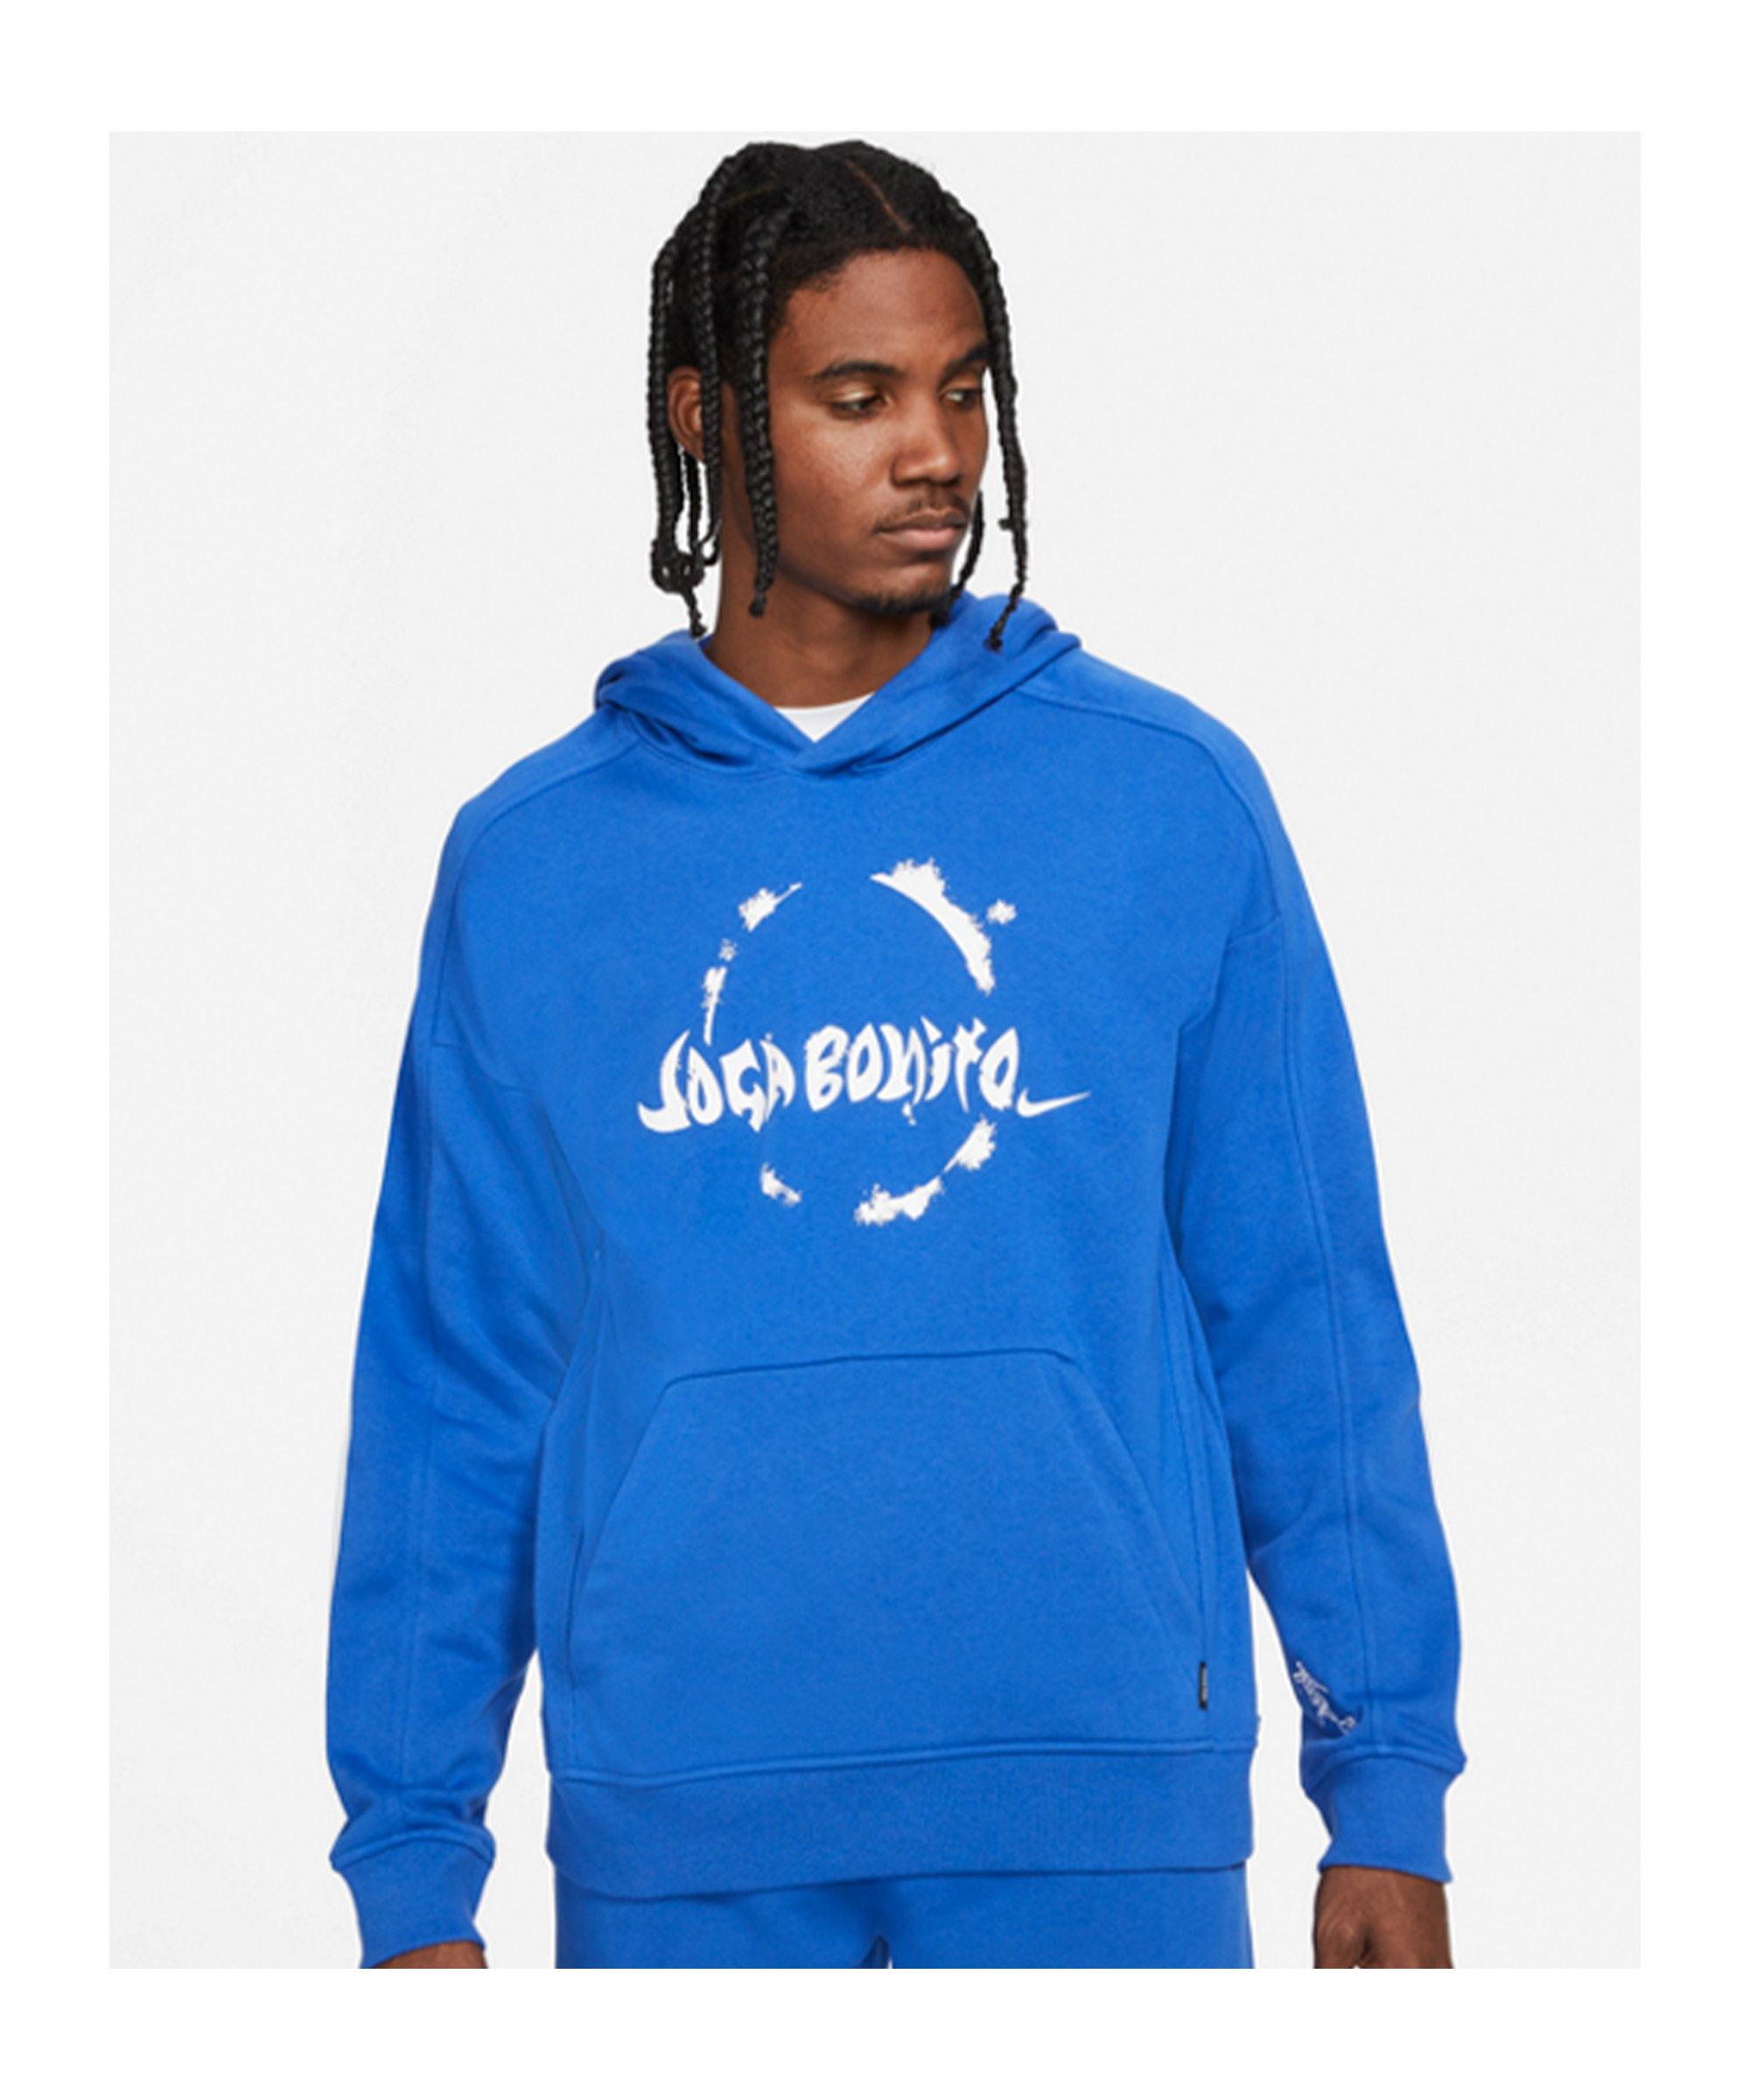 Nike F.C. Joga Bonito Hoody Blau F480 - blau